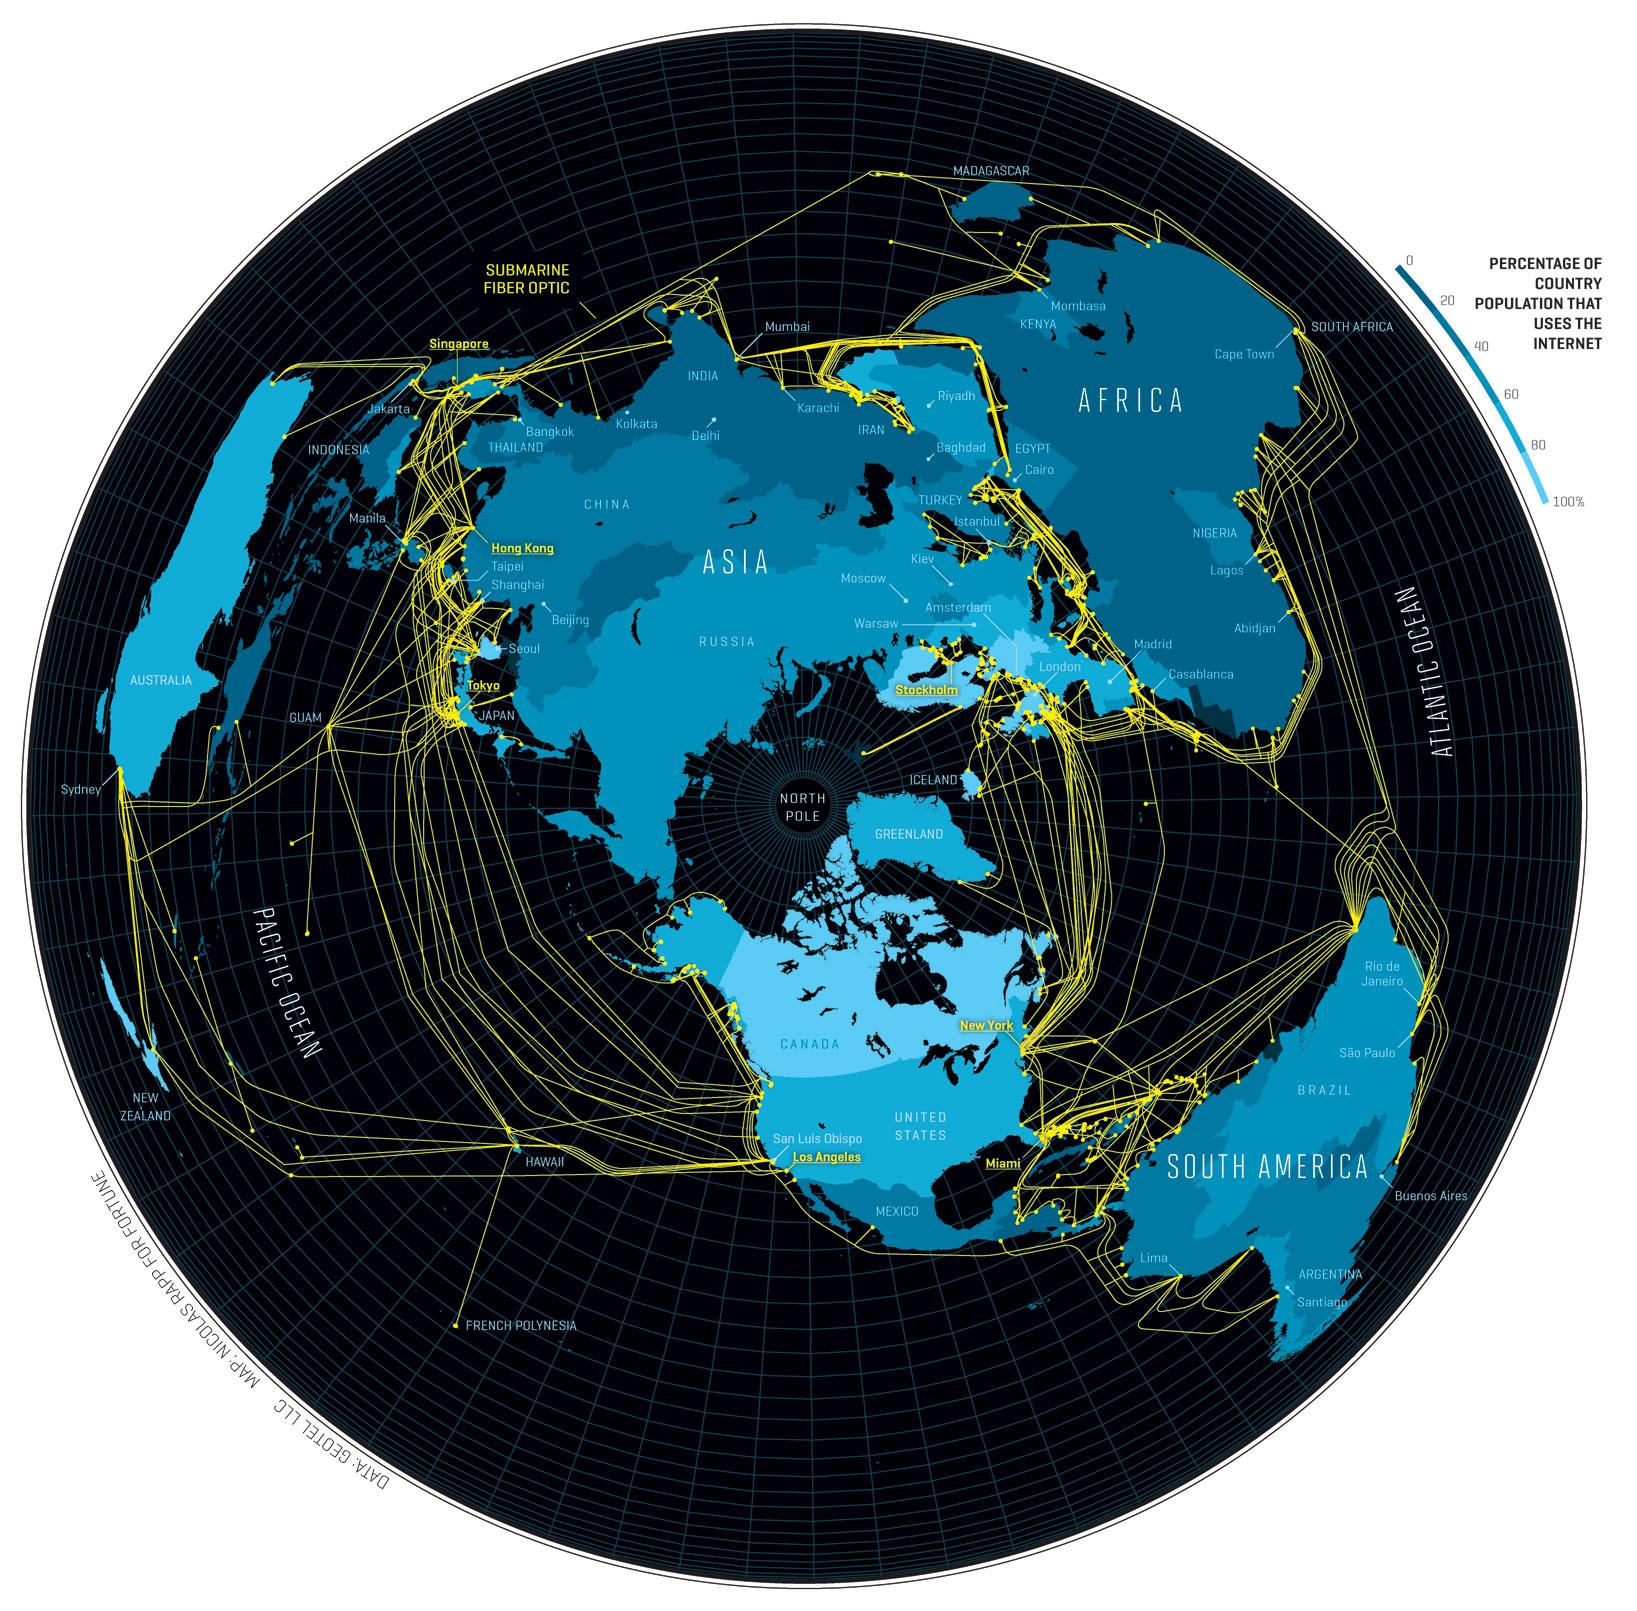 Internetkaart van de wereld